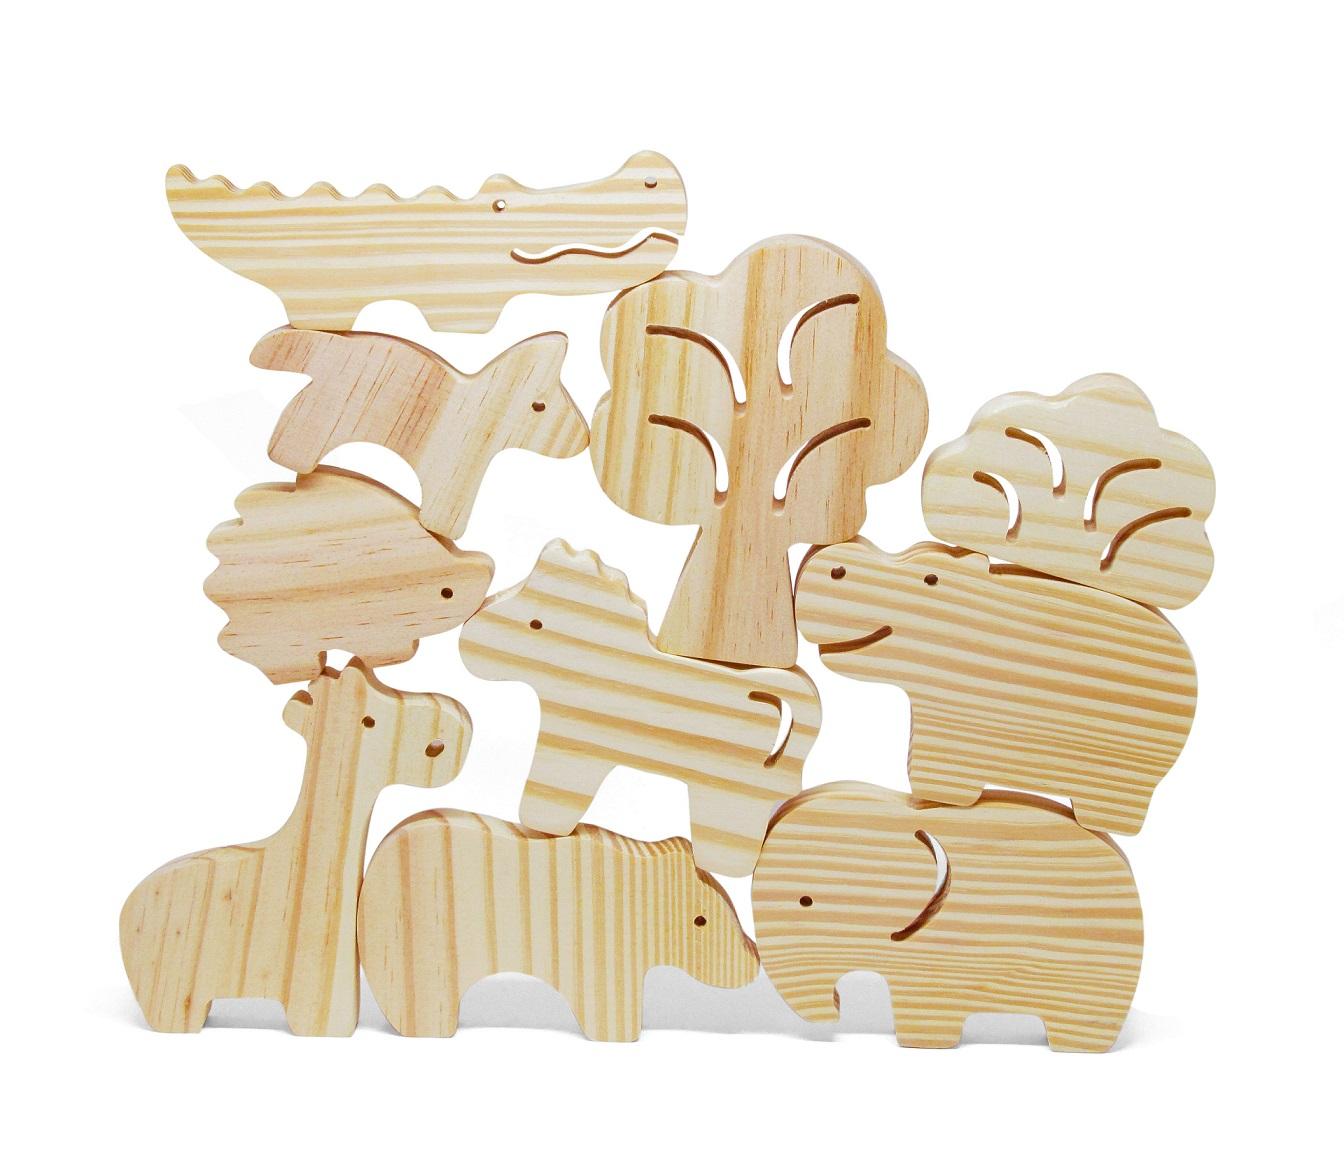 Brinquedo de madeira Kit Animais da Selva com Saquinho, da Pachu - Cód. P-07S